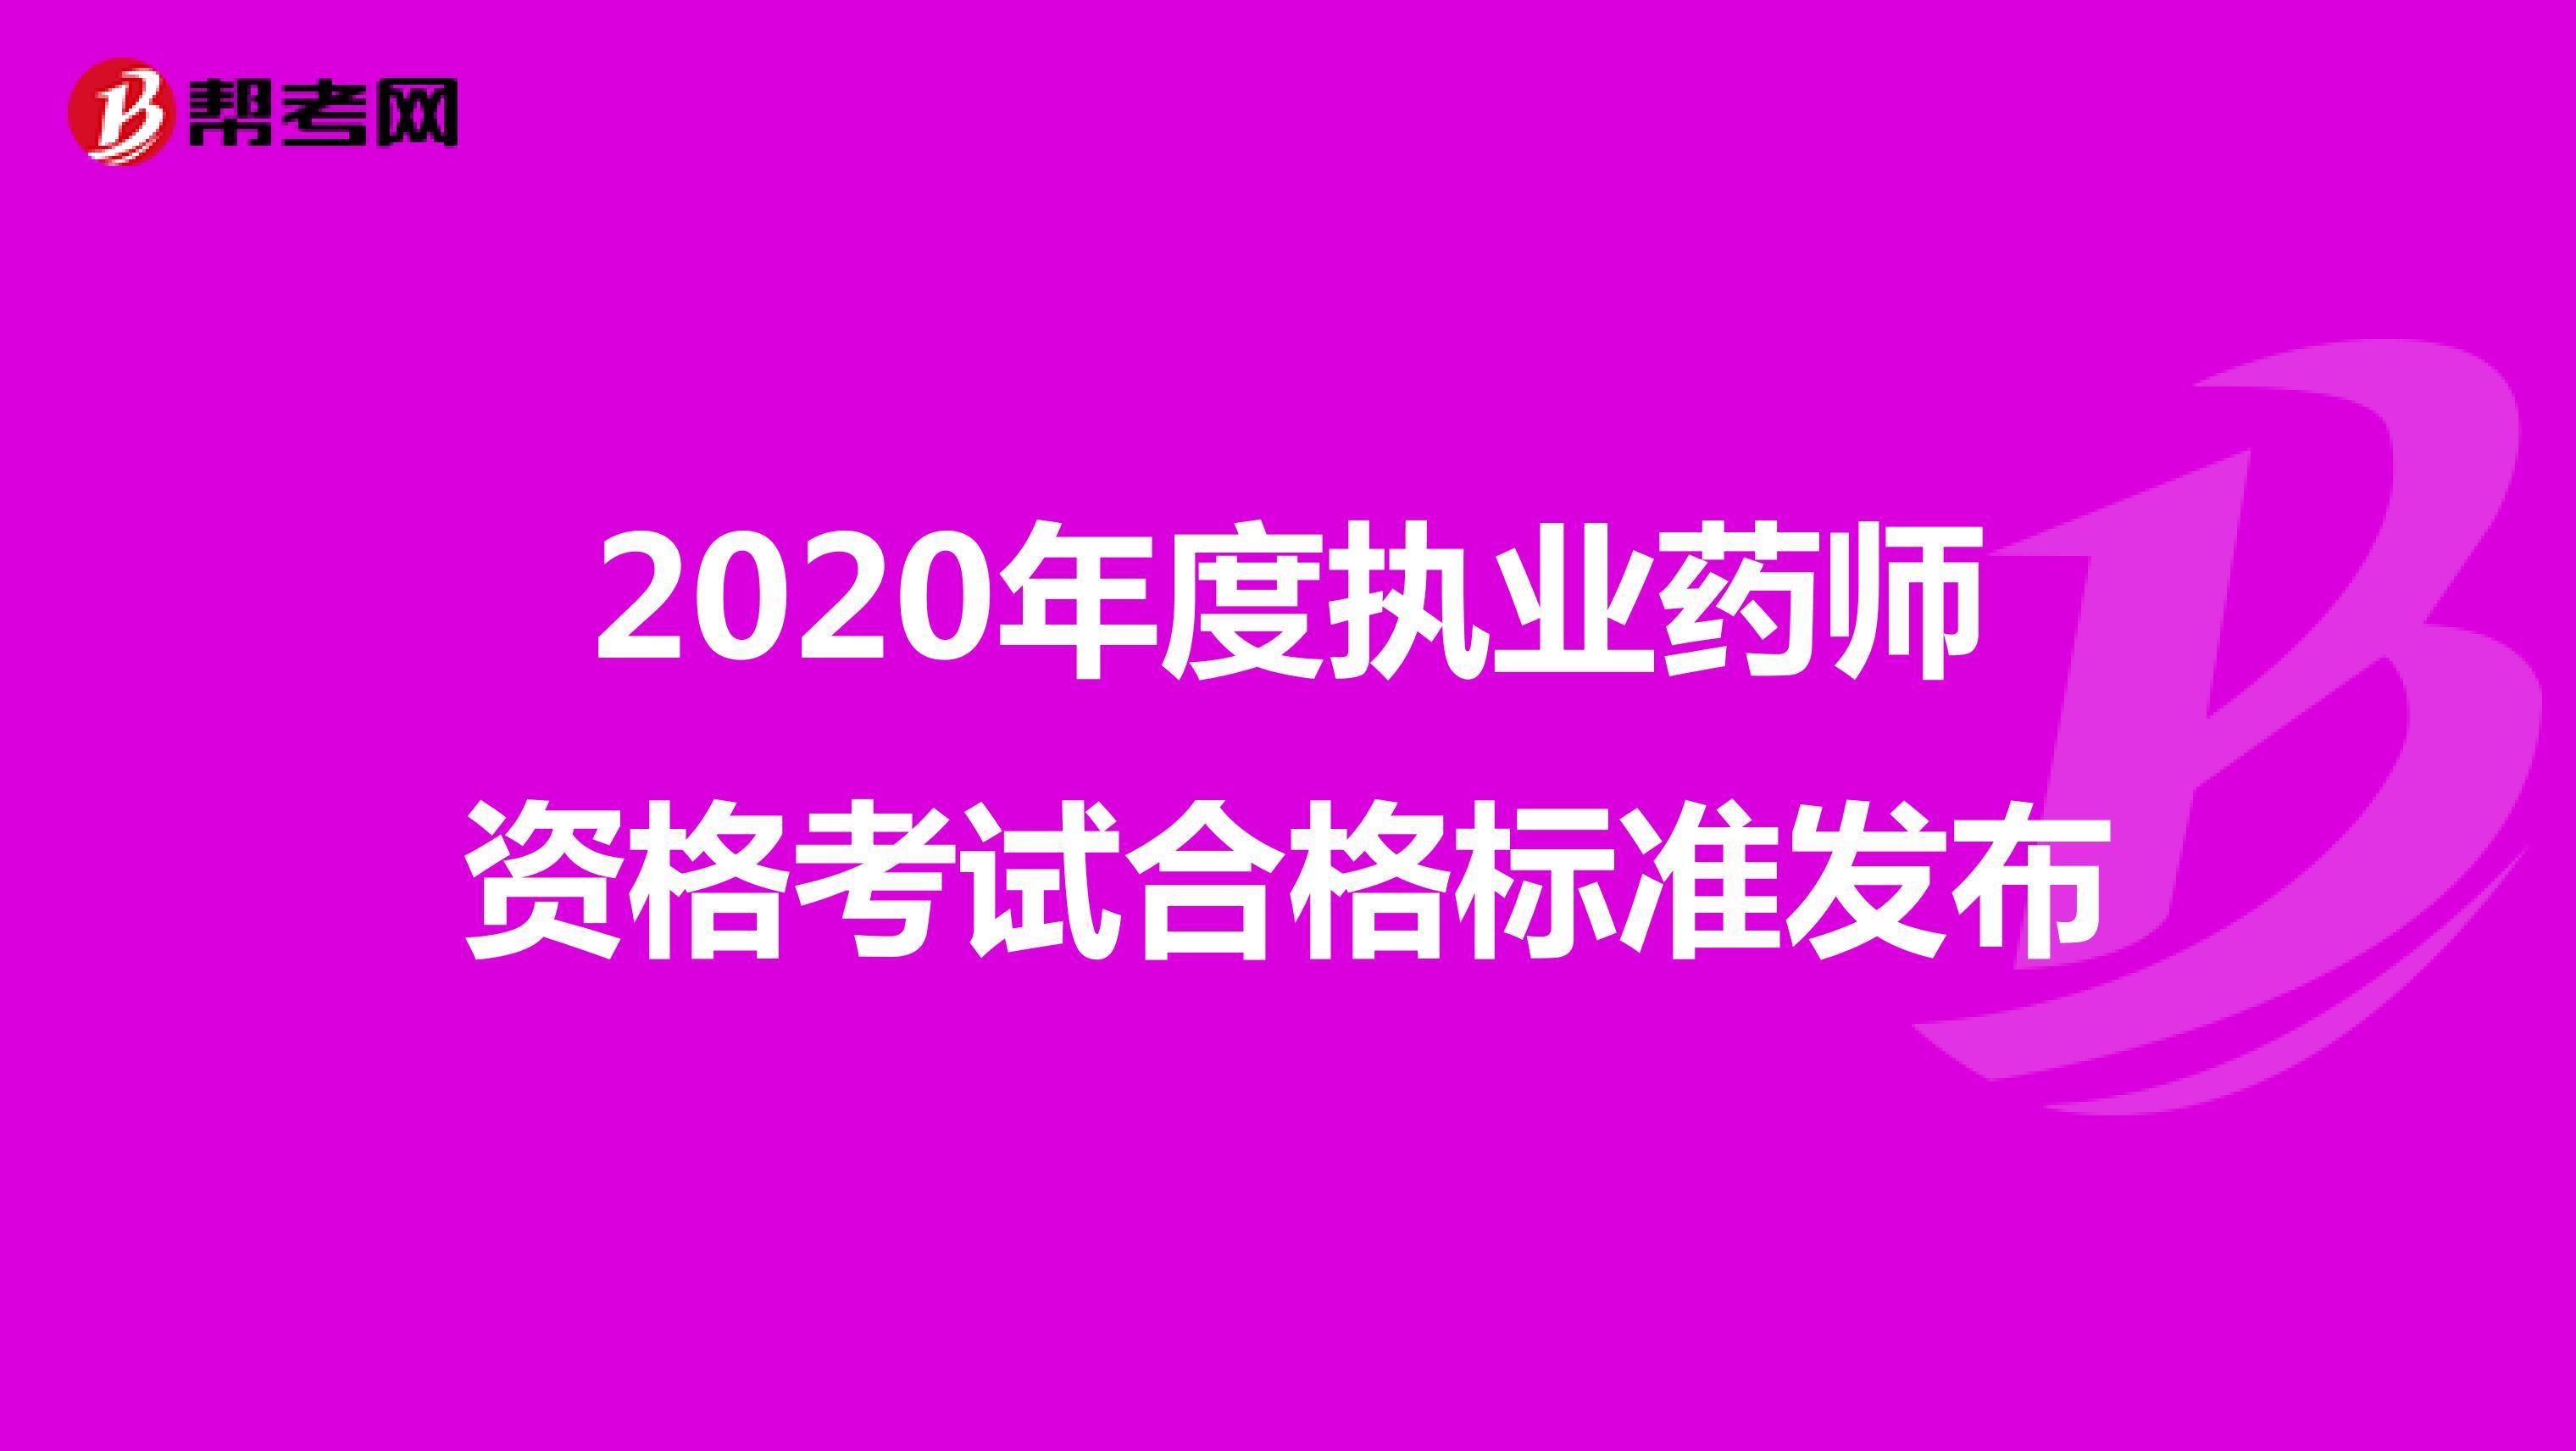 2020年度执业药师资格考试合格标准发布